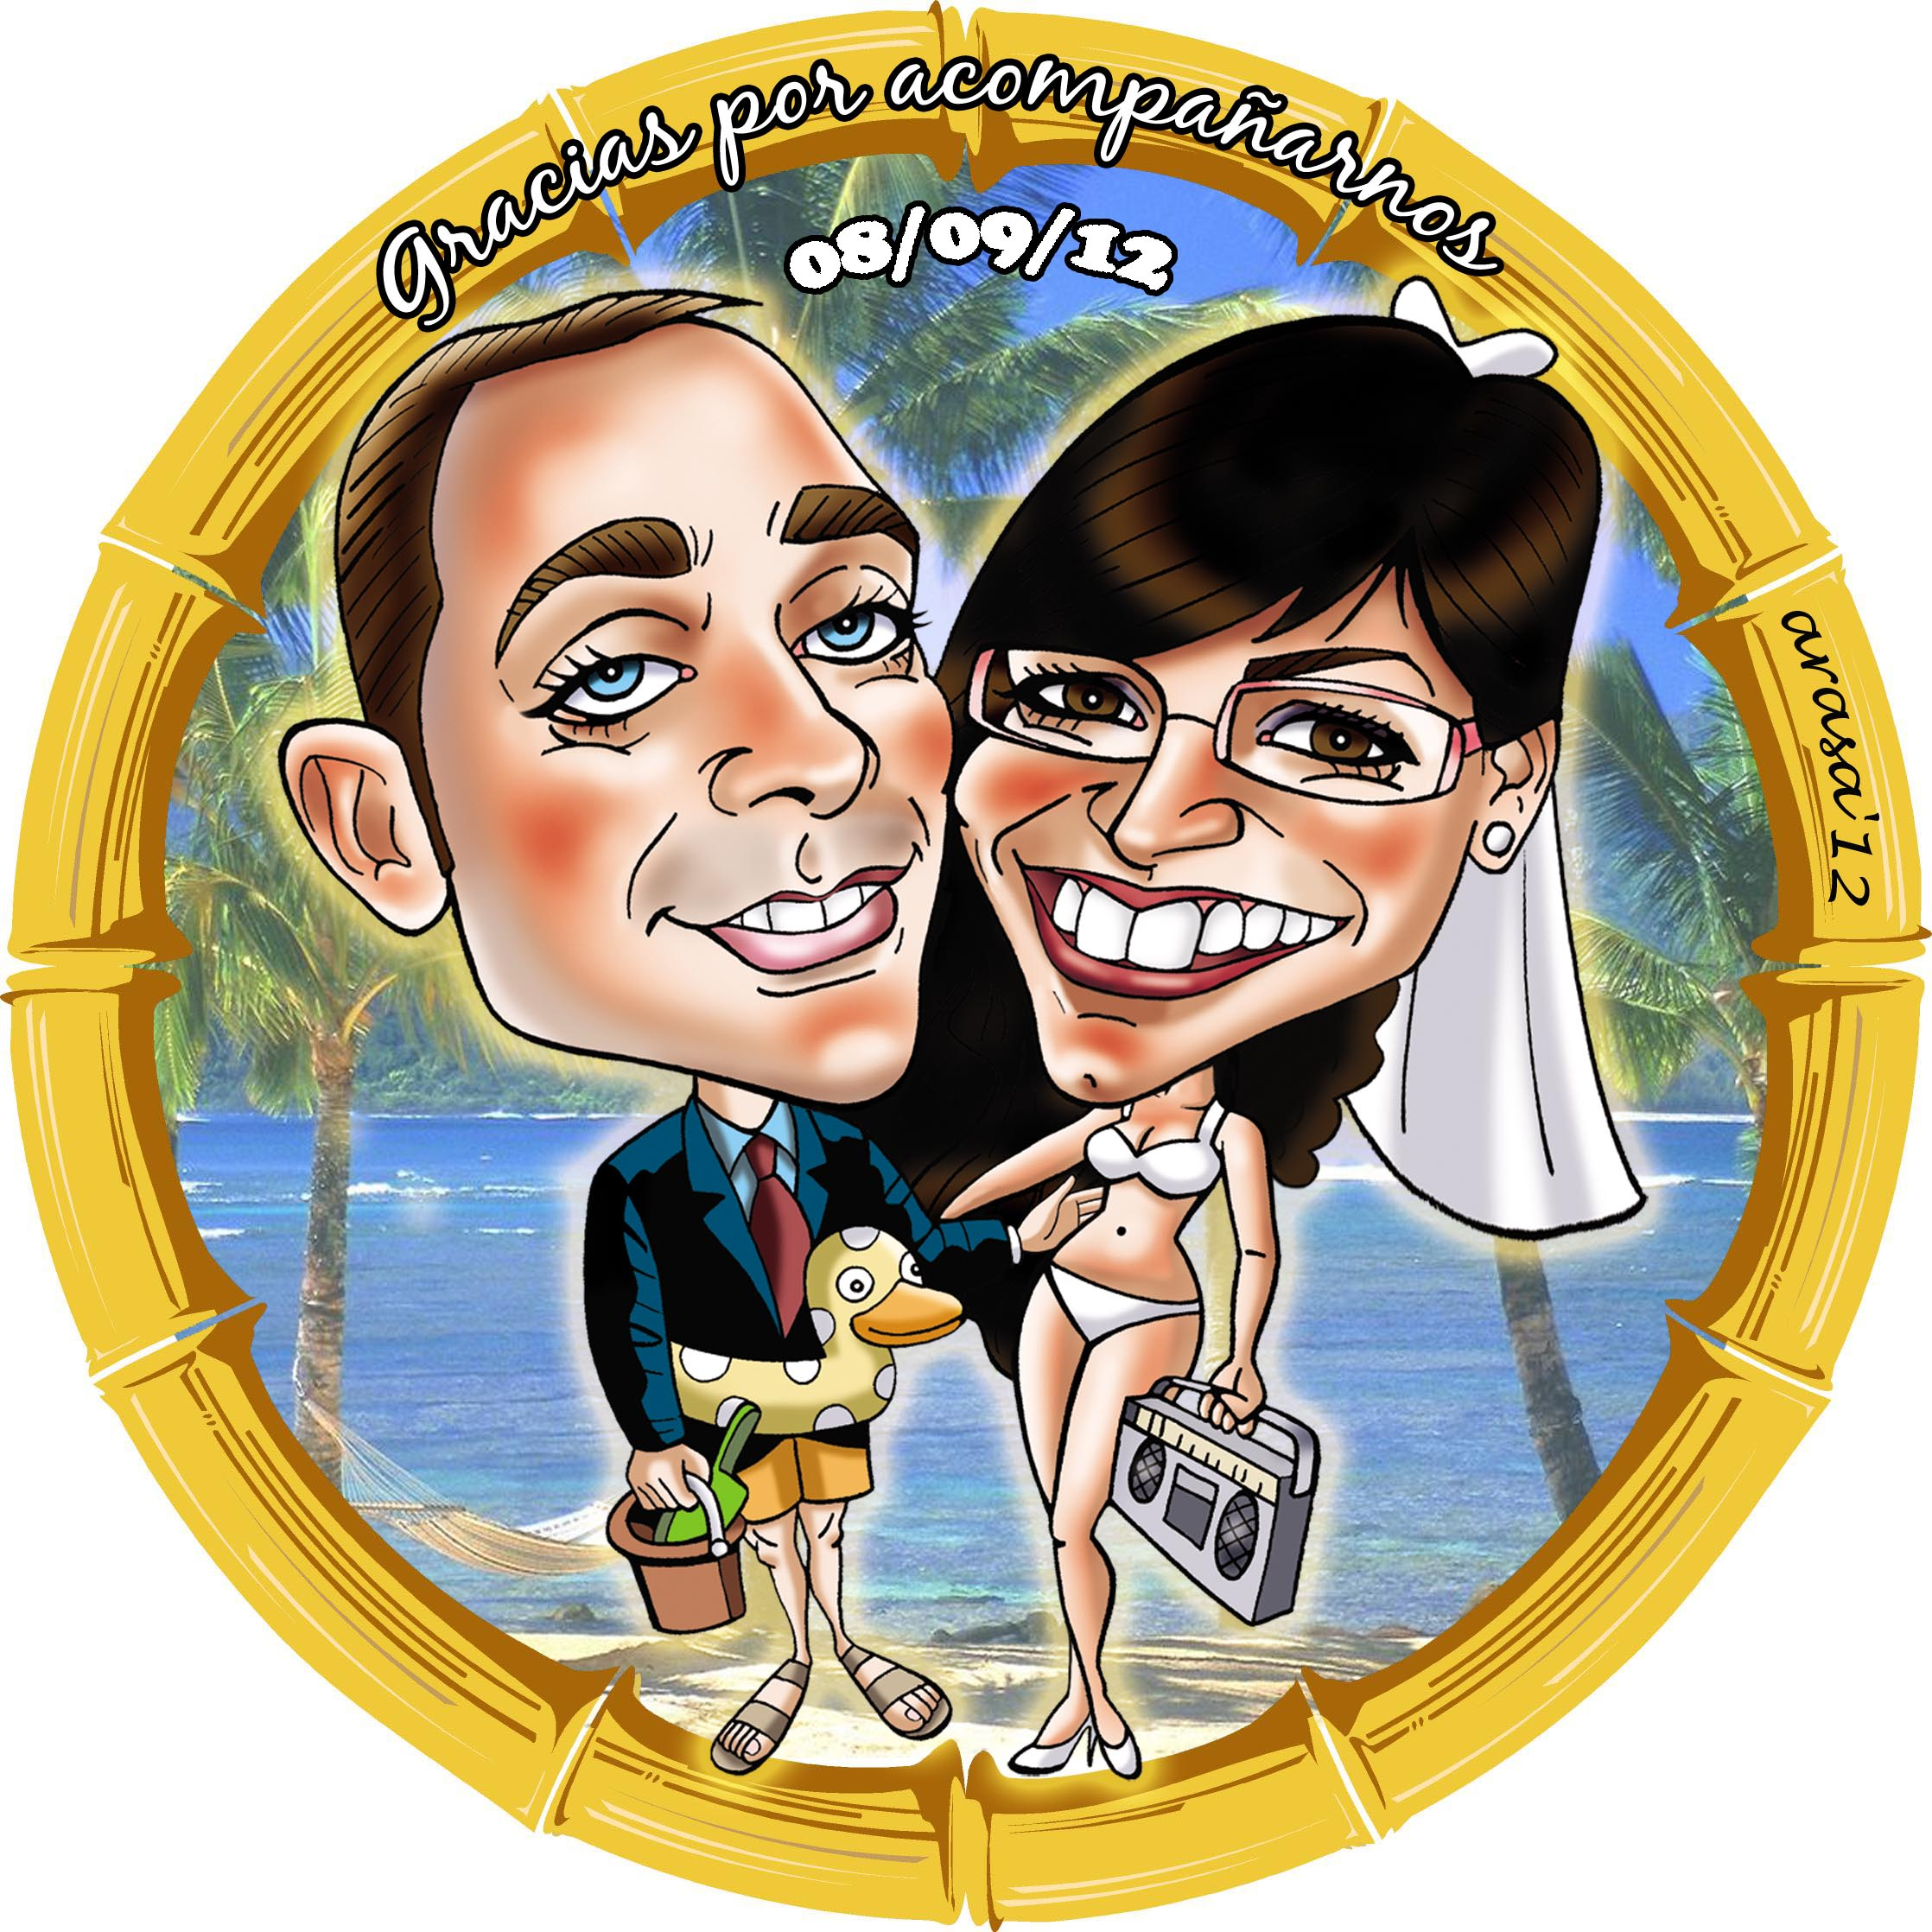 Invitaciones de boda con caricatura: Cristina